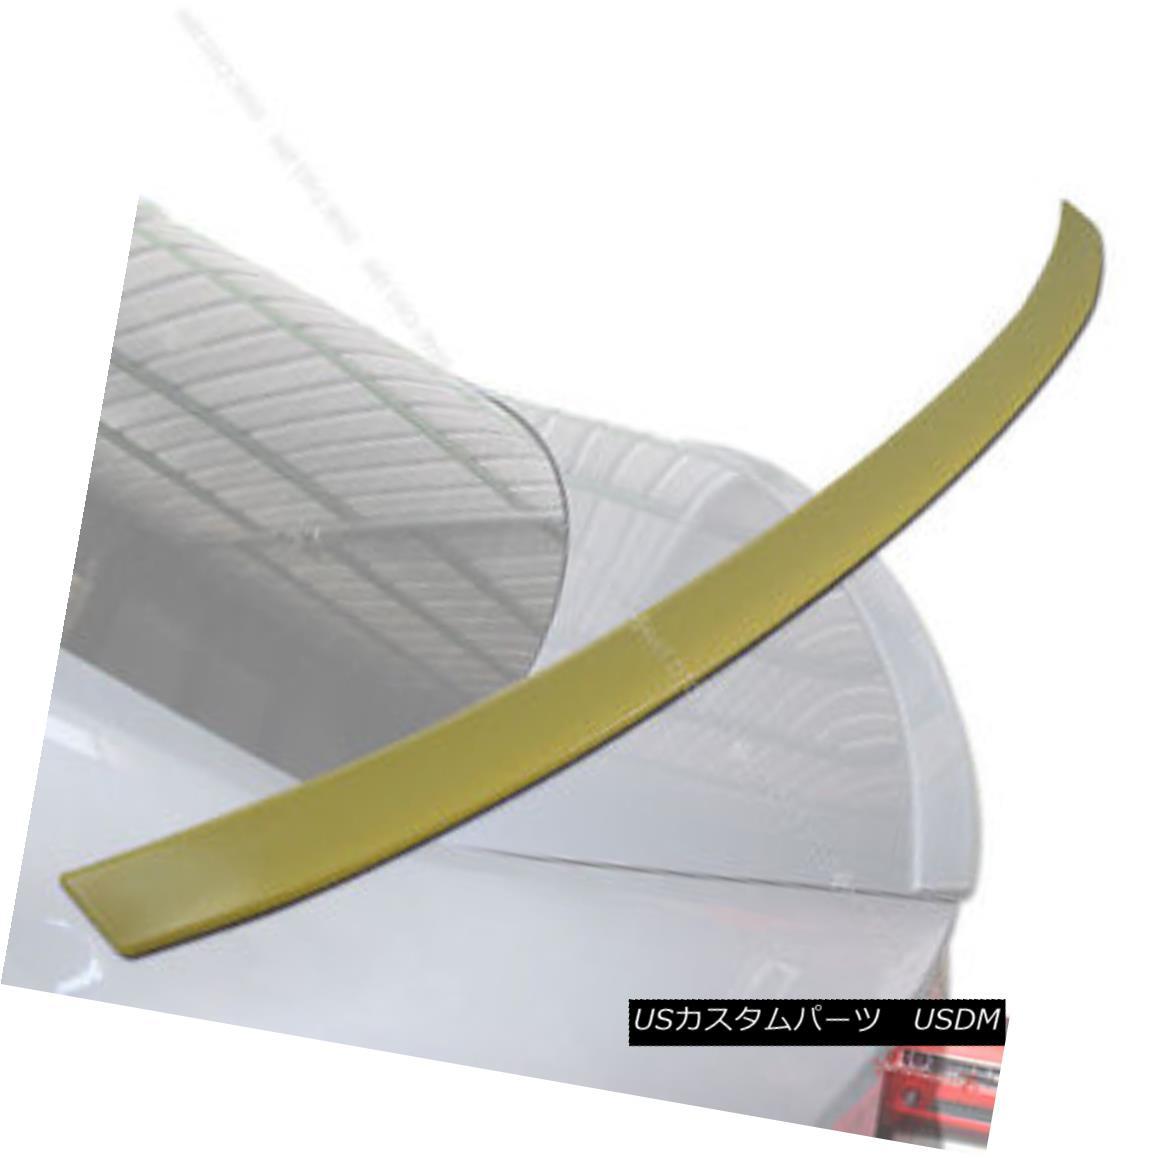 エアロパーツ AUDI A4 B8 Boot Trunk Spoiler NEW 09 11 12 § AUDI A4 B8ブーツ・トランク・スポイラーNEW 09 11 12